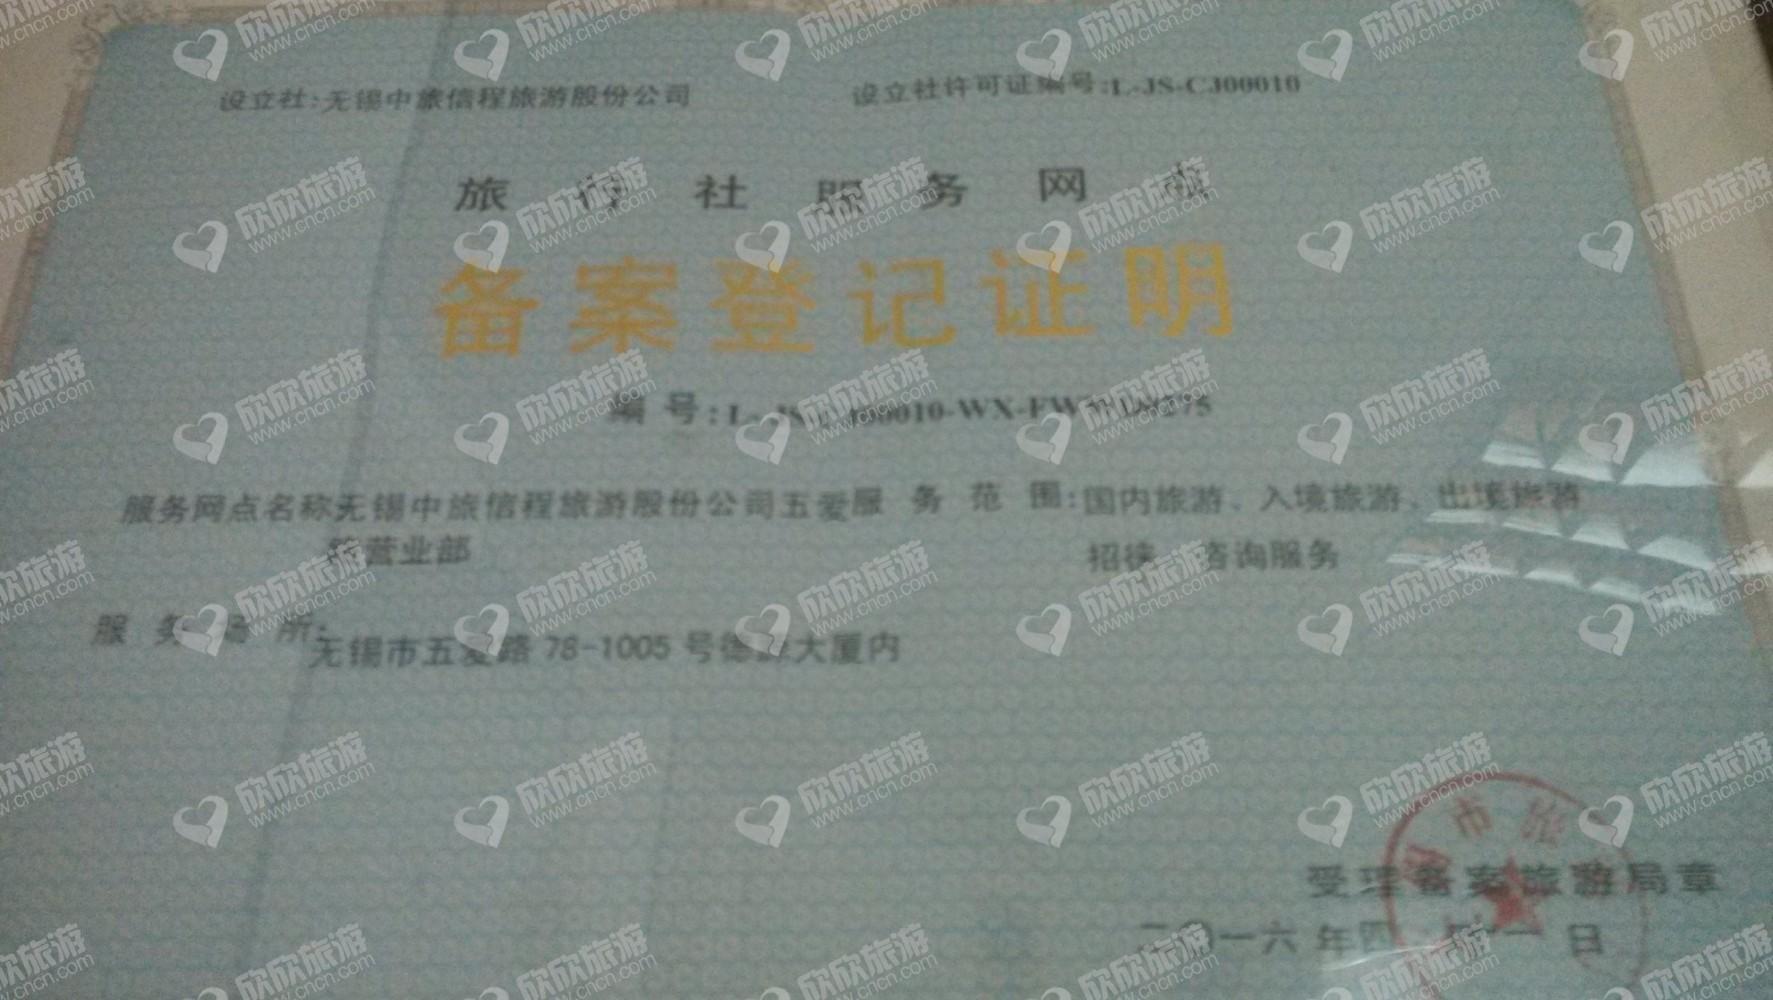 无锡中旅信程旅游股份公司五爱路营业部经营许可证